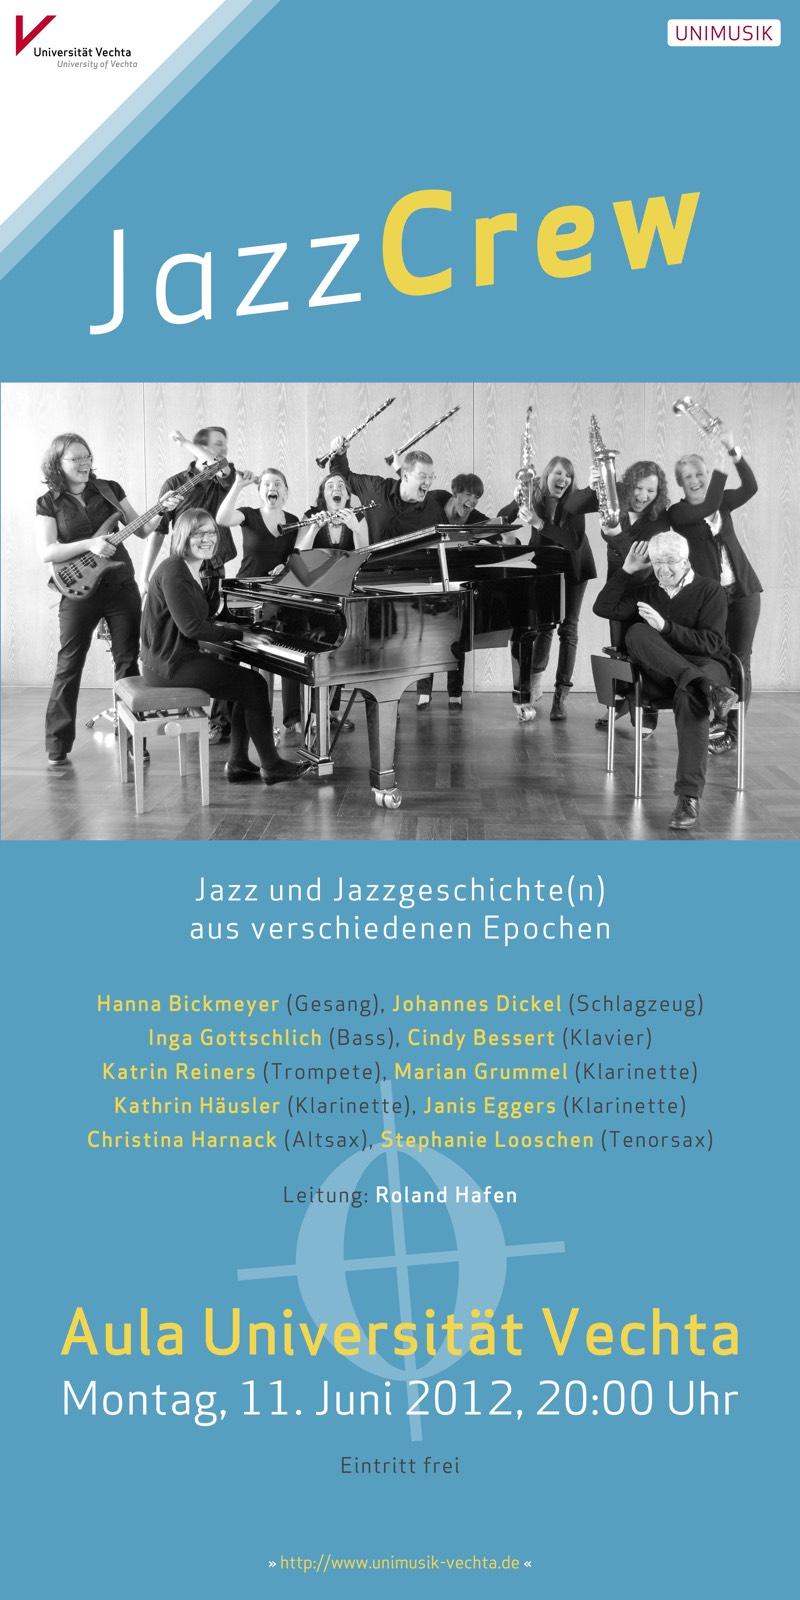 JazzCrew · Universität Vechta